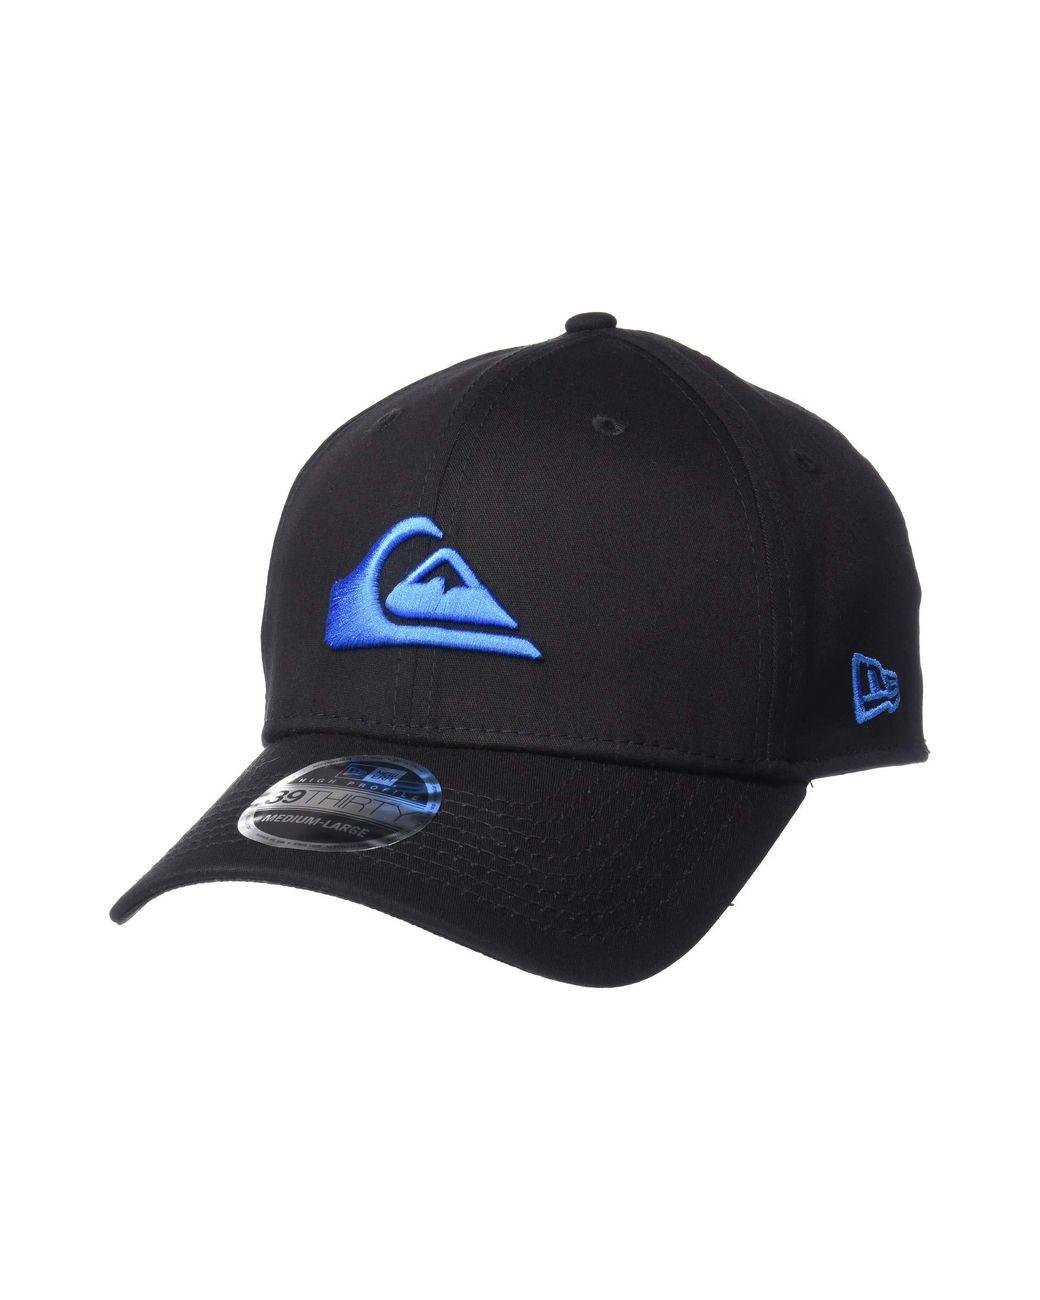 Quiksilver Mens New Era 3930 Mountain /& Wave Stretchfit Hat Black//Blue